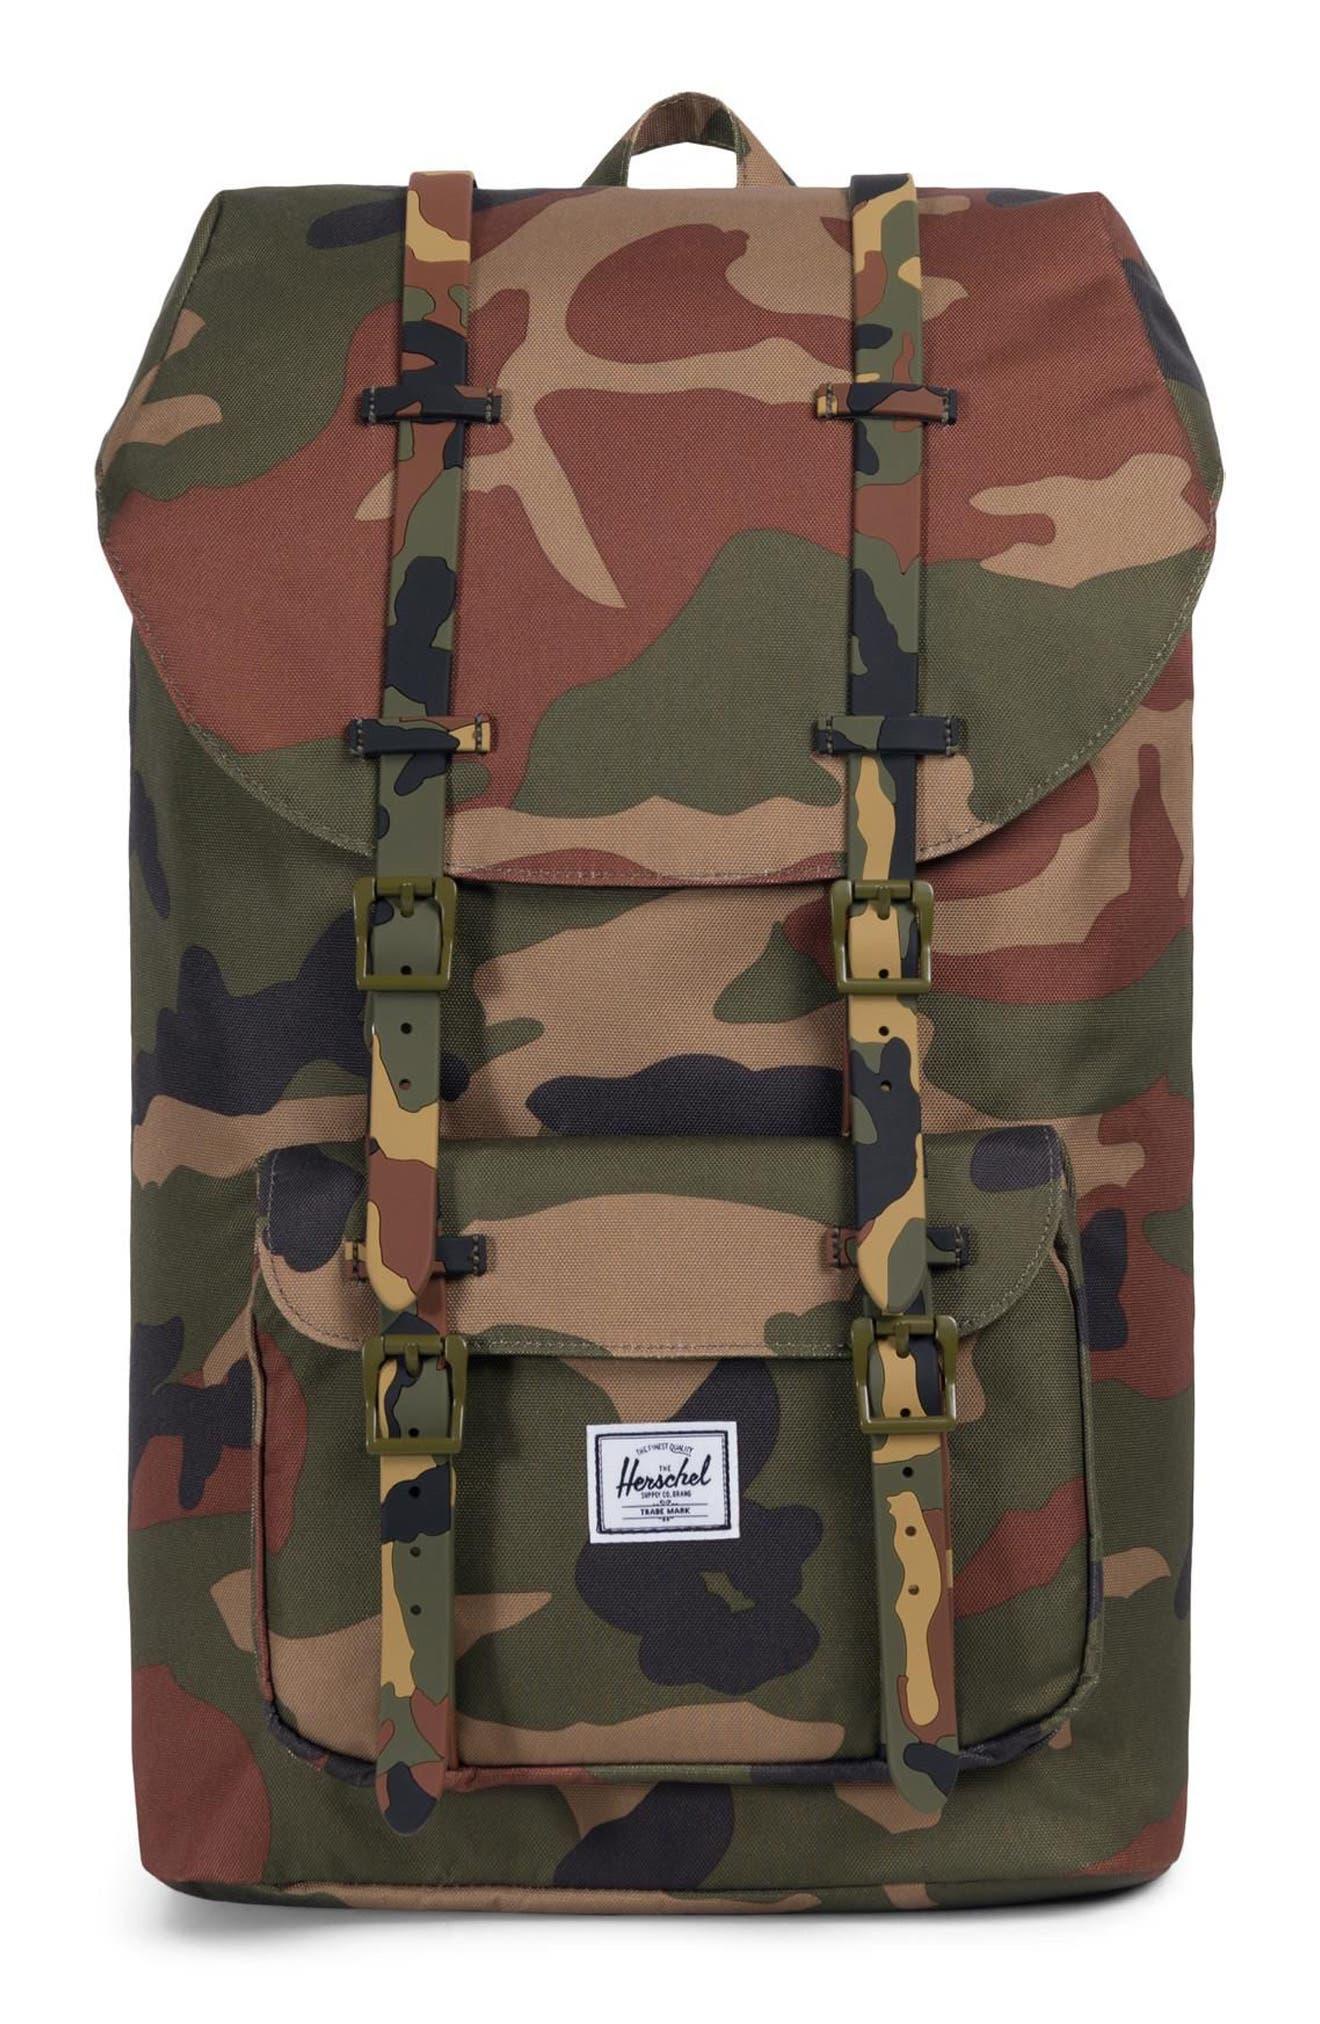 herschel camo backpack  6379ff82e5db3